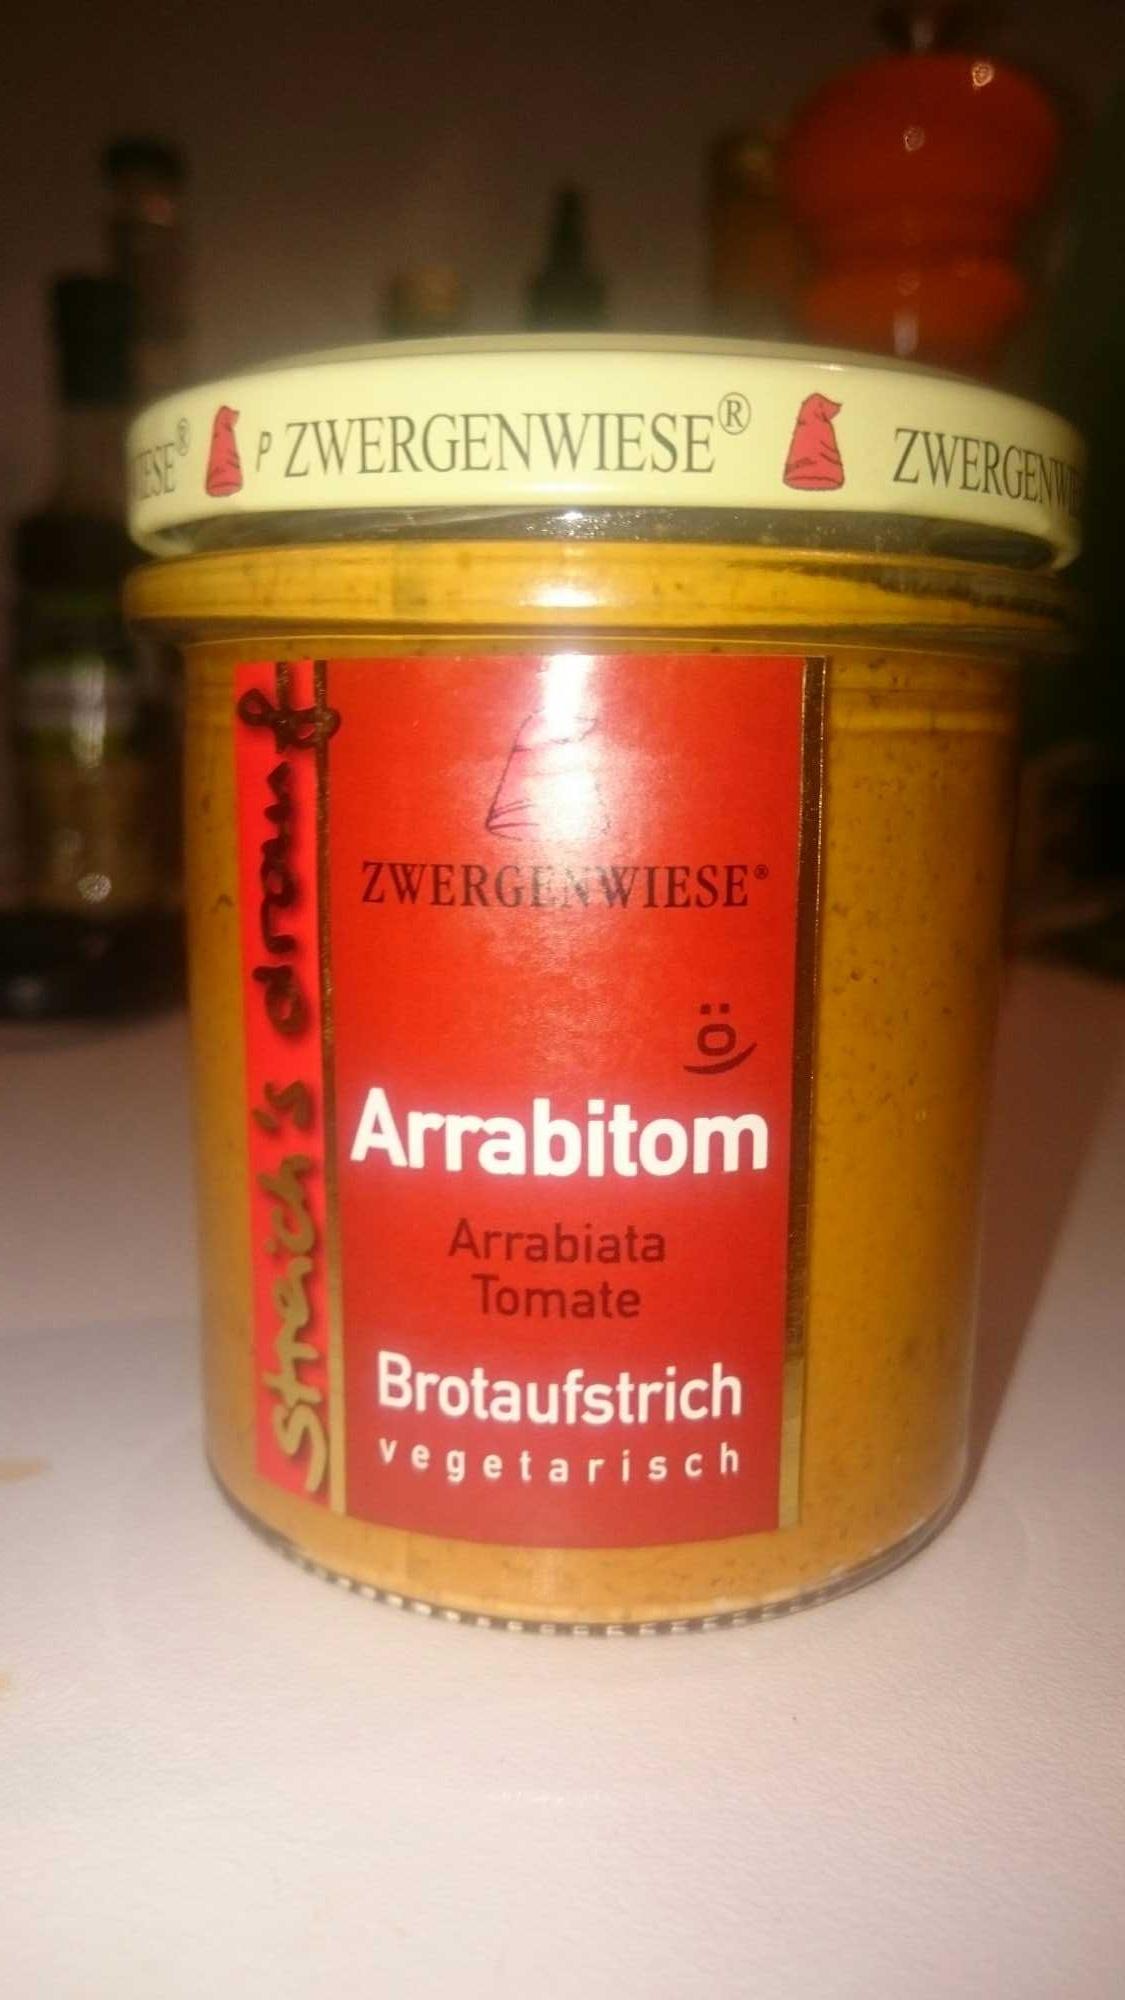 Zwergenwiese Arrabitom Brotaufstrich - Produkt